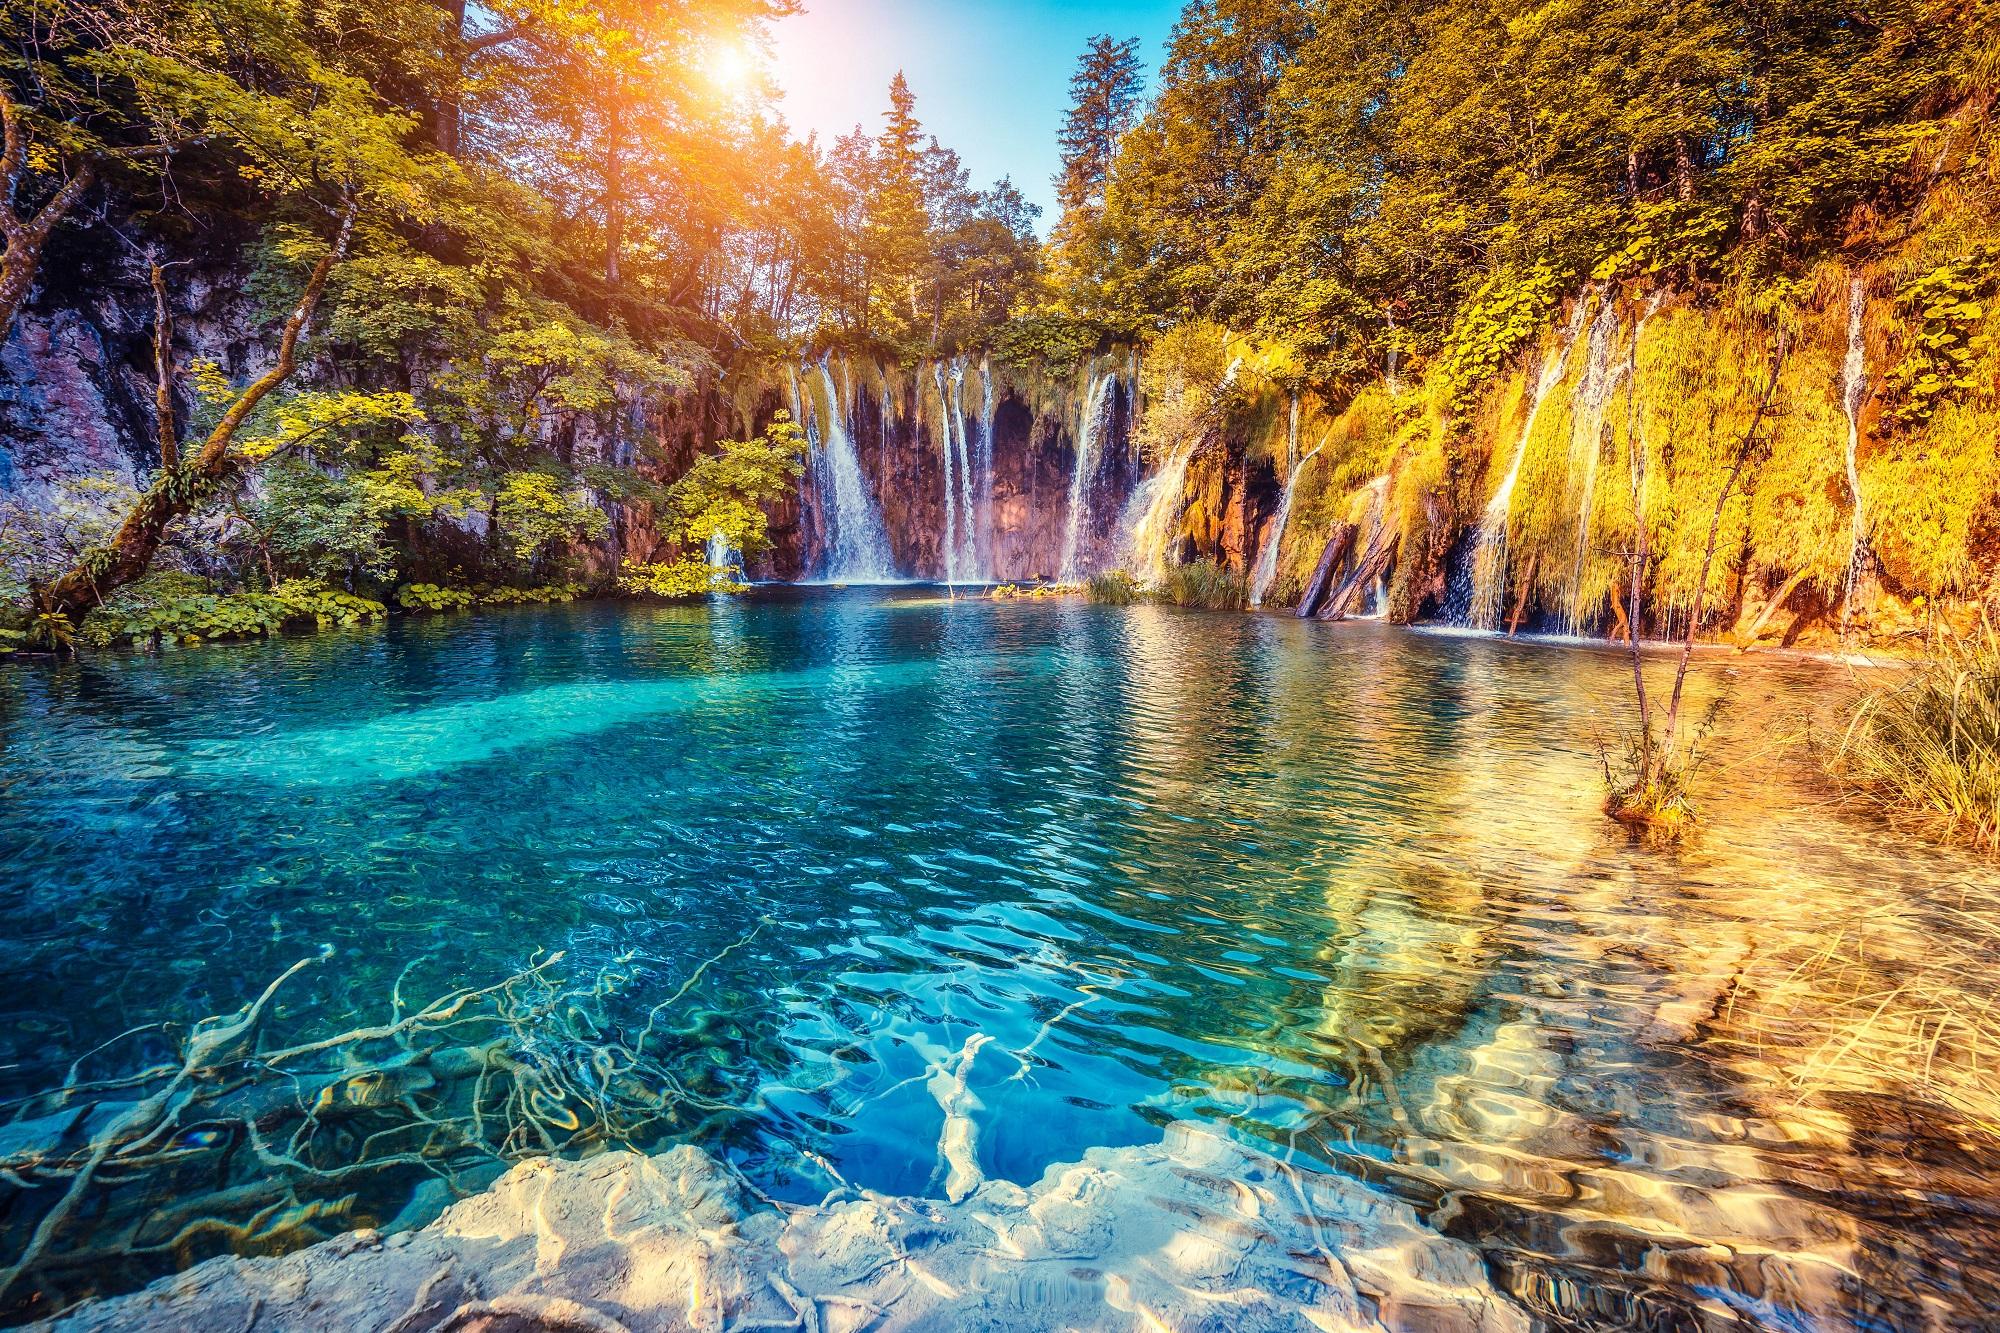 Ansicht eines Wasserfalls im Nationalpark Plitvicer Seen